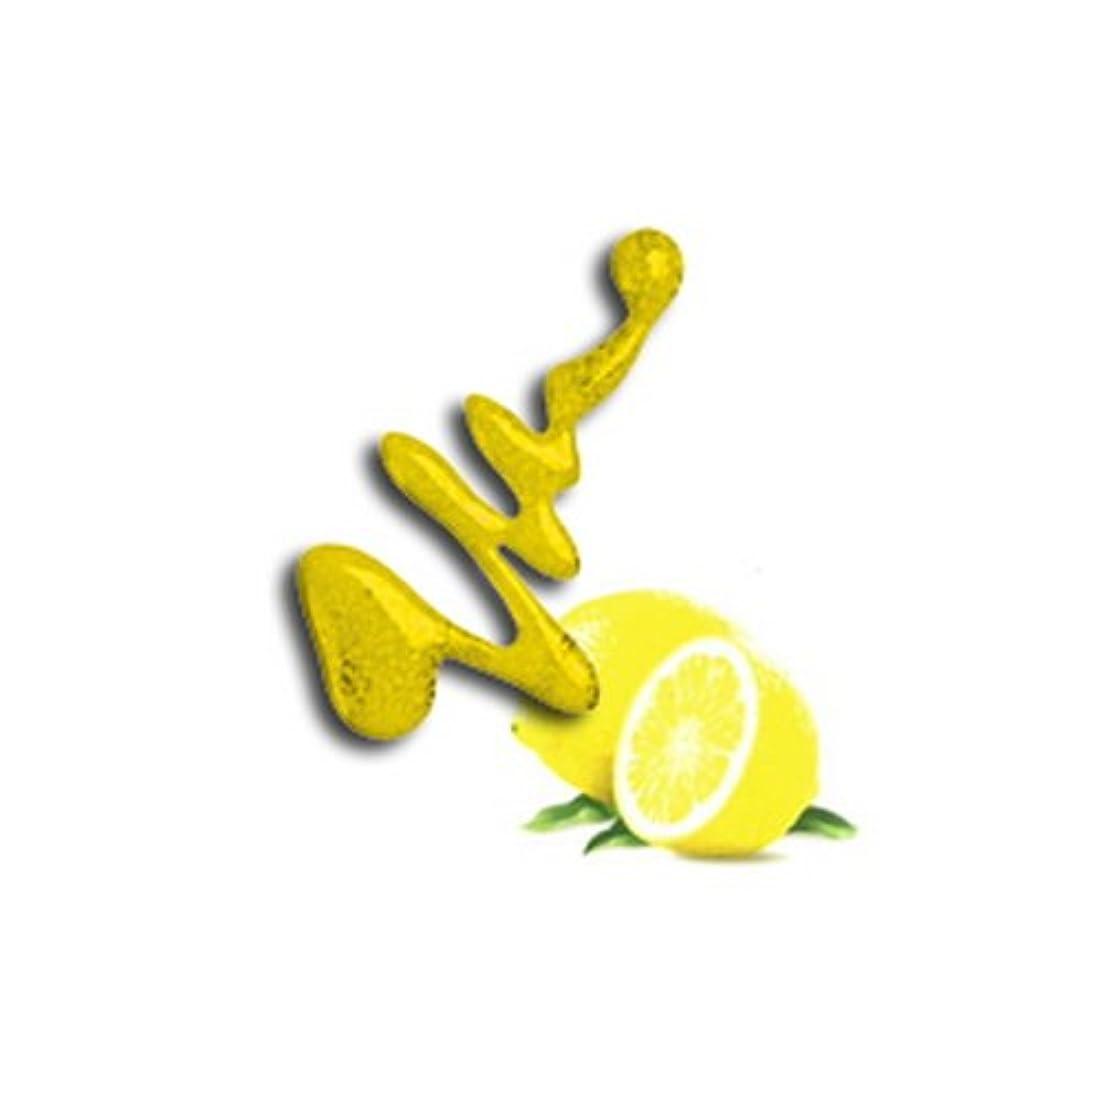 分離する扱う老朽化した(3 Pack) LA GIRL Fruity Scented Nail Polish - Zesty Citrus (並行輸入品)